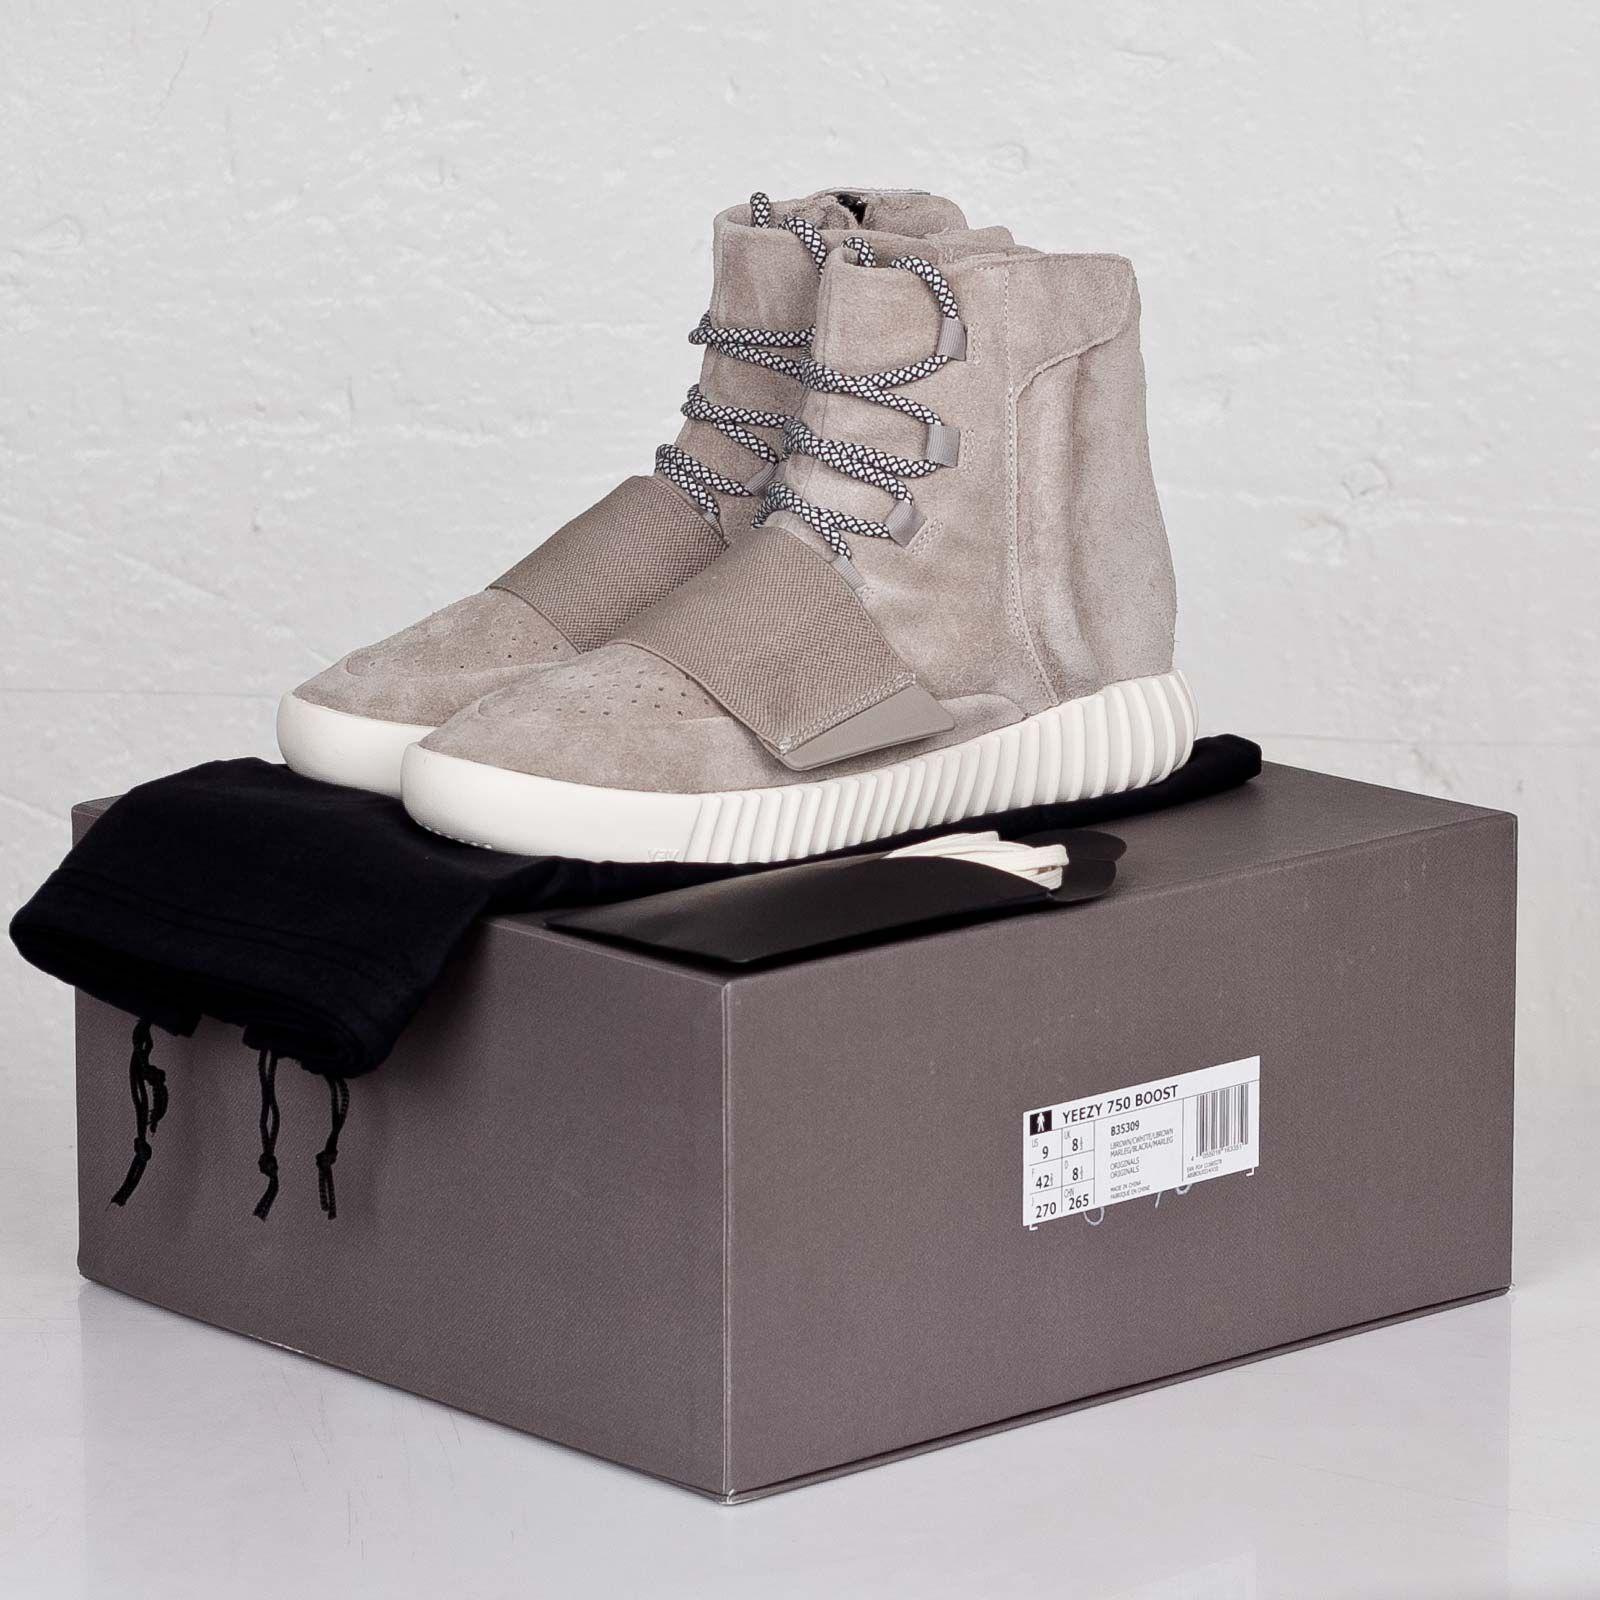 733f3a6548c adidas Yeezy 750 Boost …